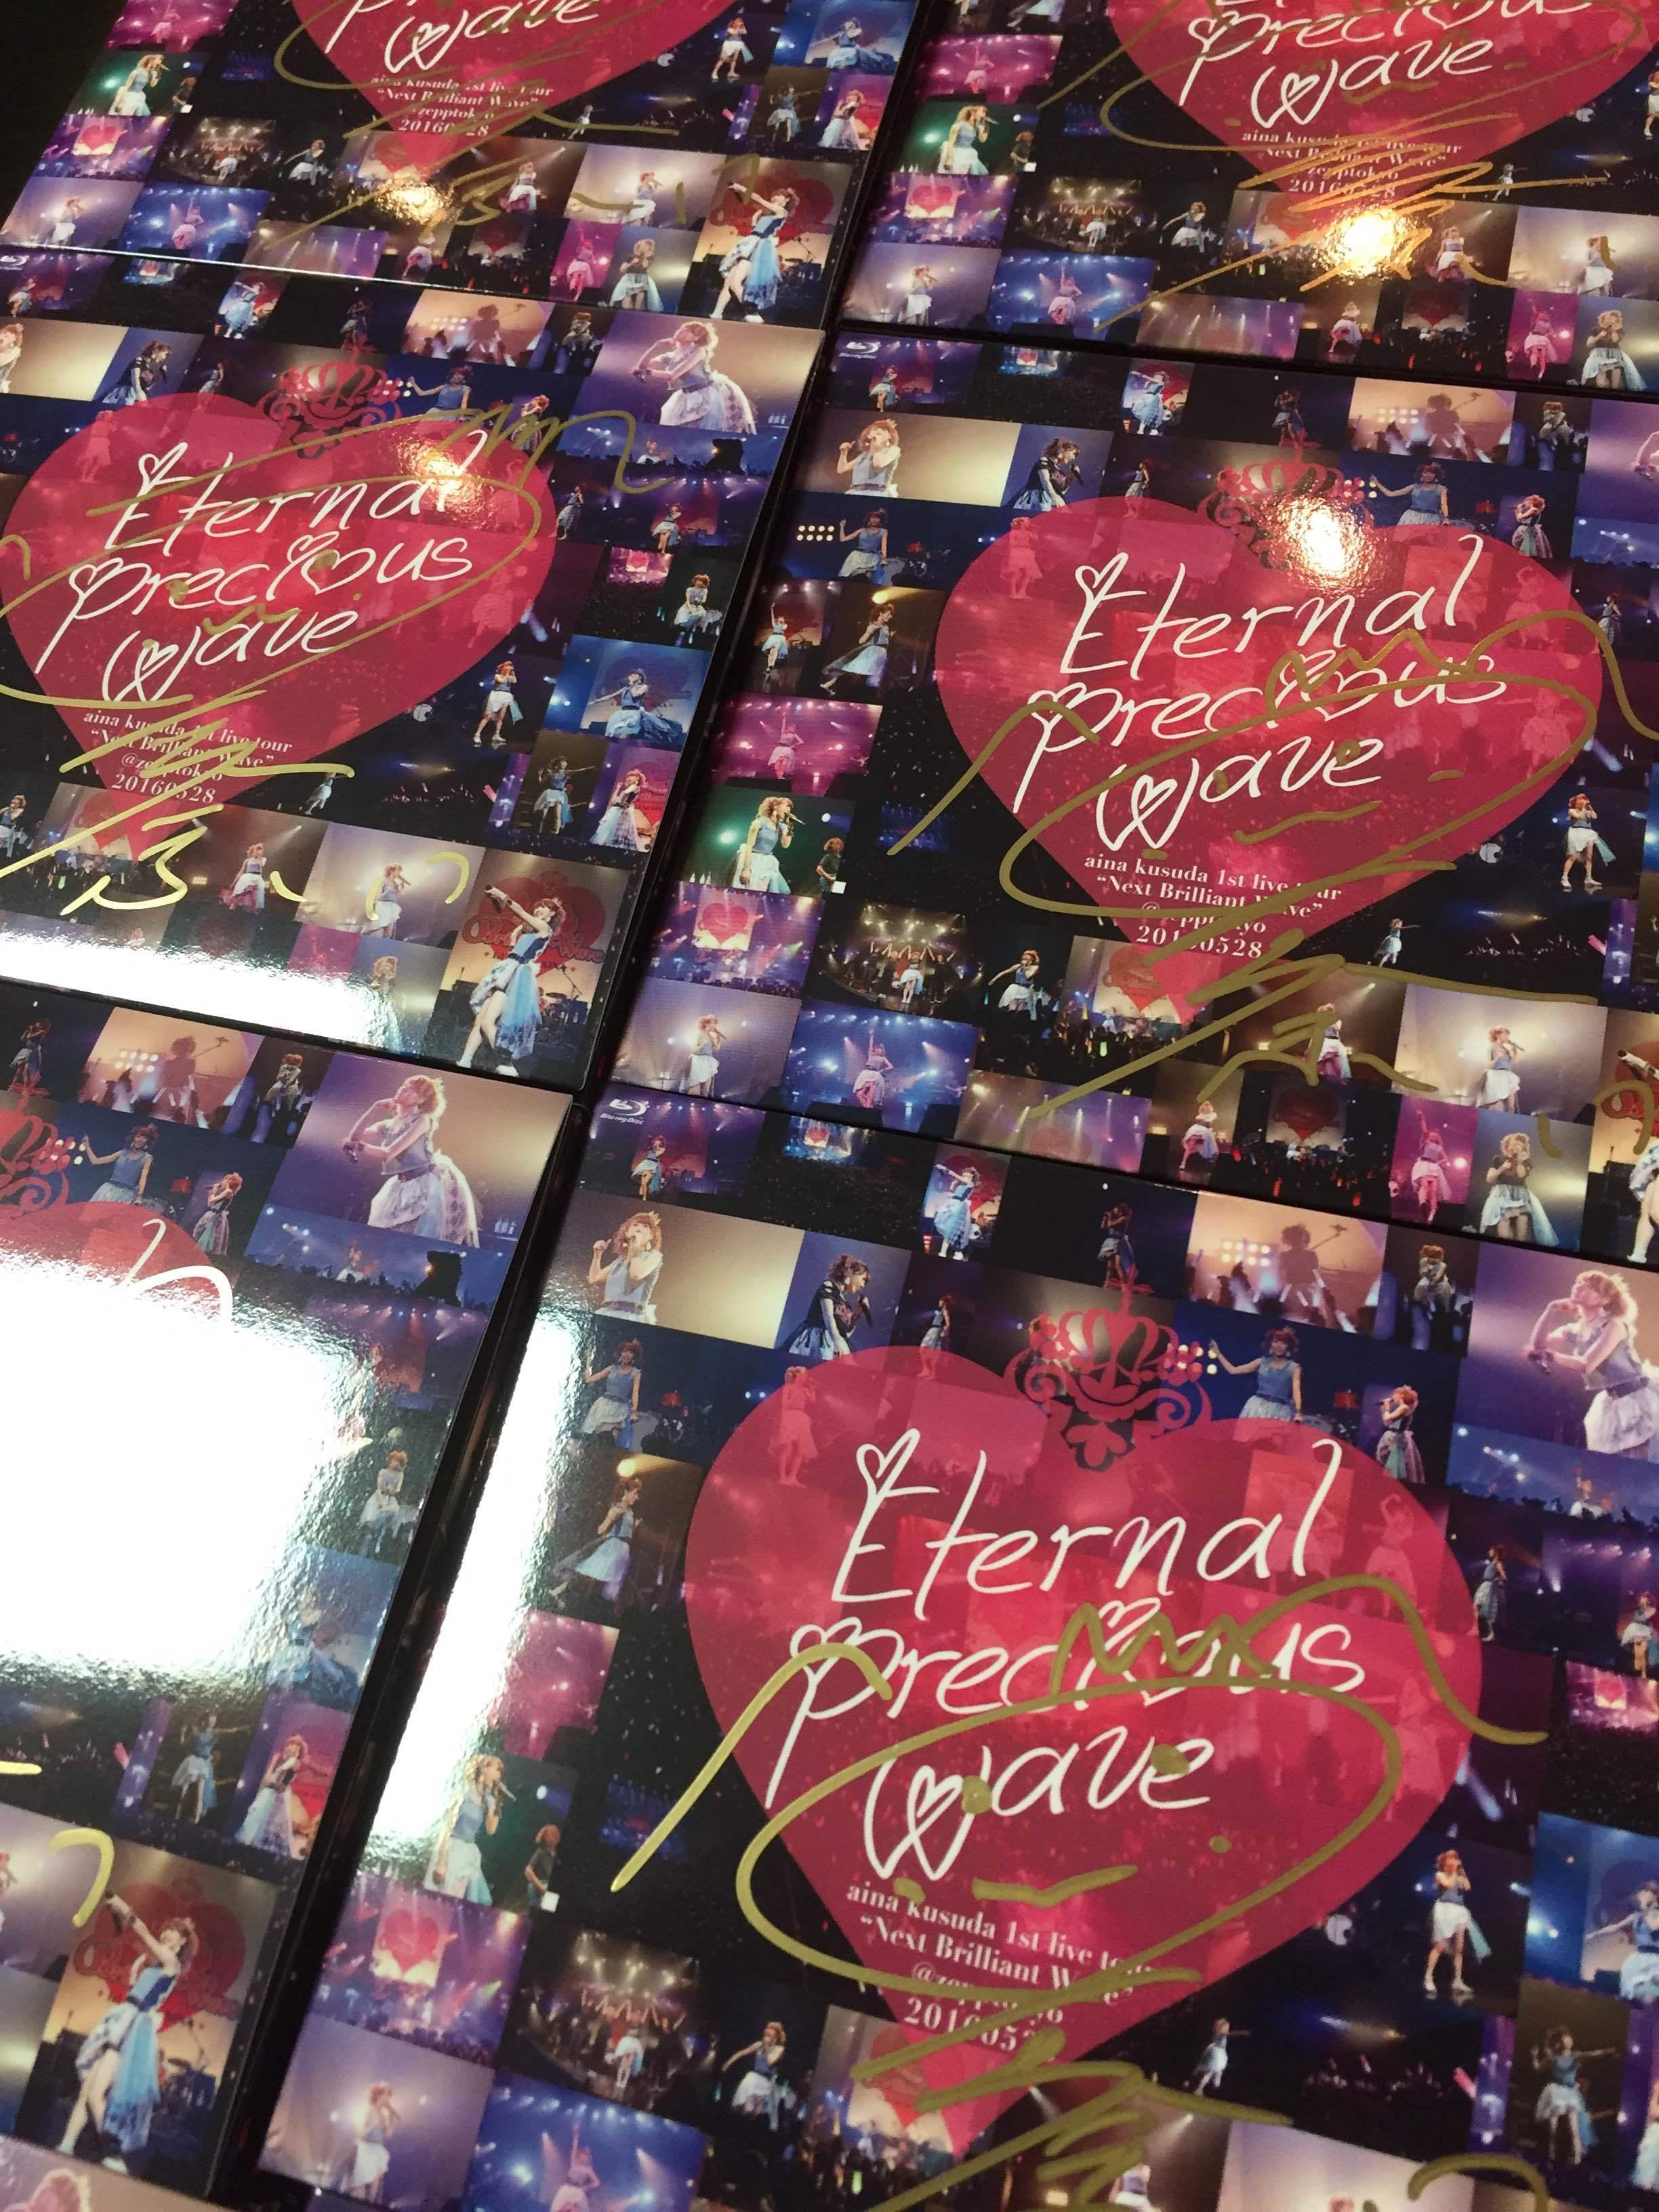 """【直筆サイン入りジャケット】Eternal Precious Wave aina kusuda 1st live tour""""Next Brilliant Wave"""" @zepptokyo20160528"""